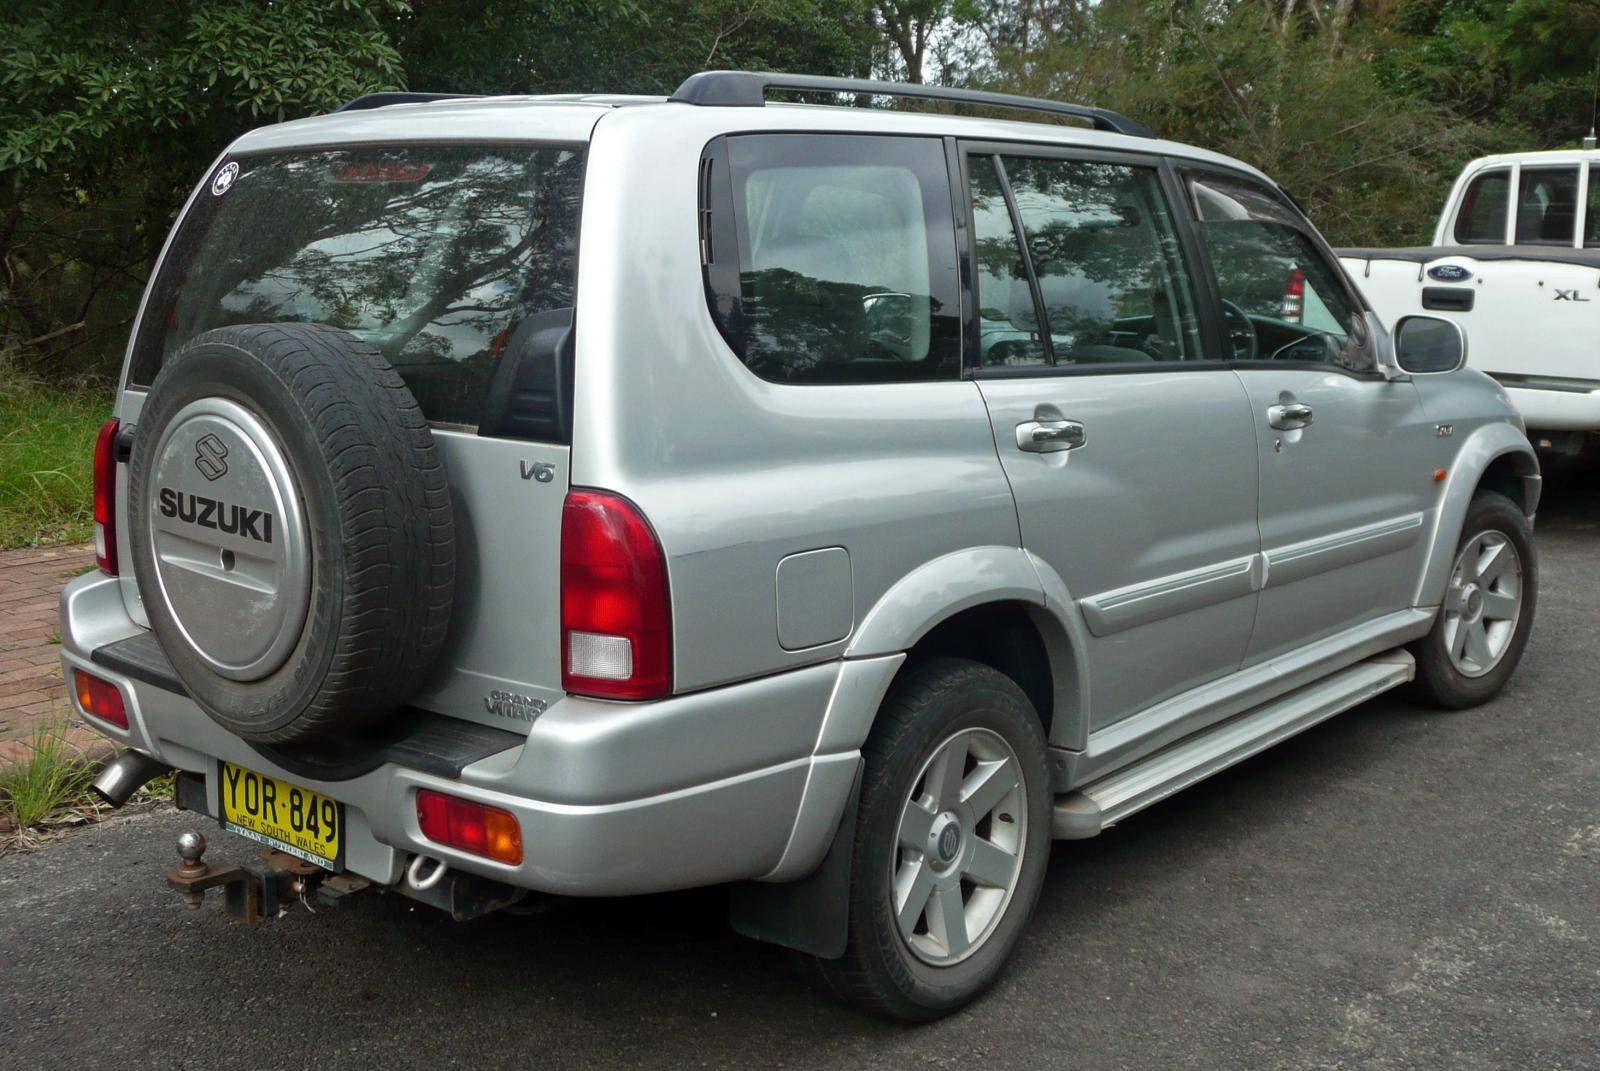 2004 suzuki xl 7 reviews - 800 1024 1280 1600 Origin 2003 Suzuki